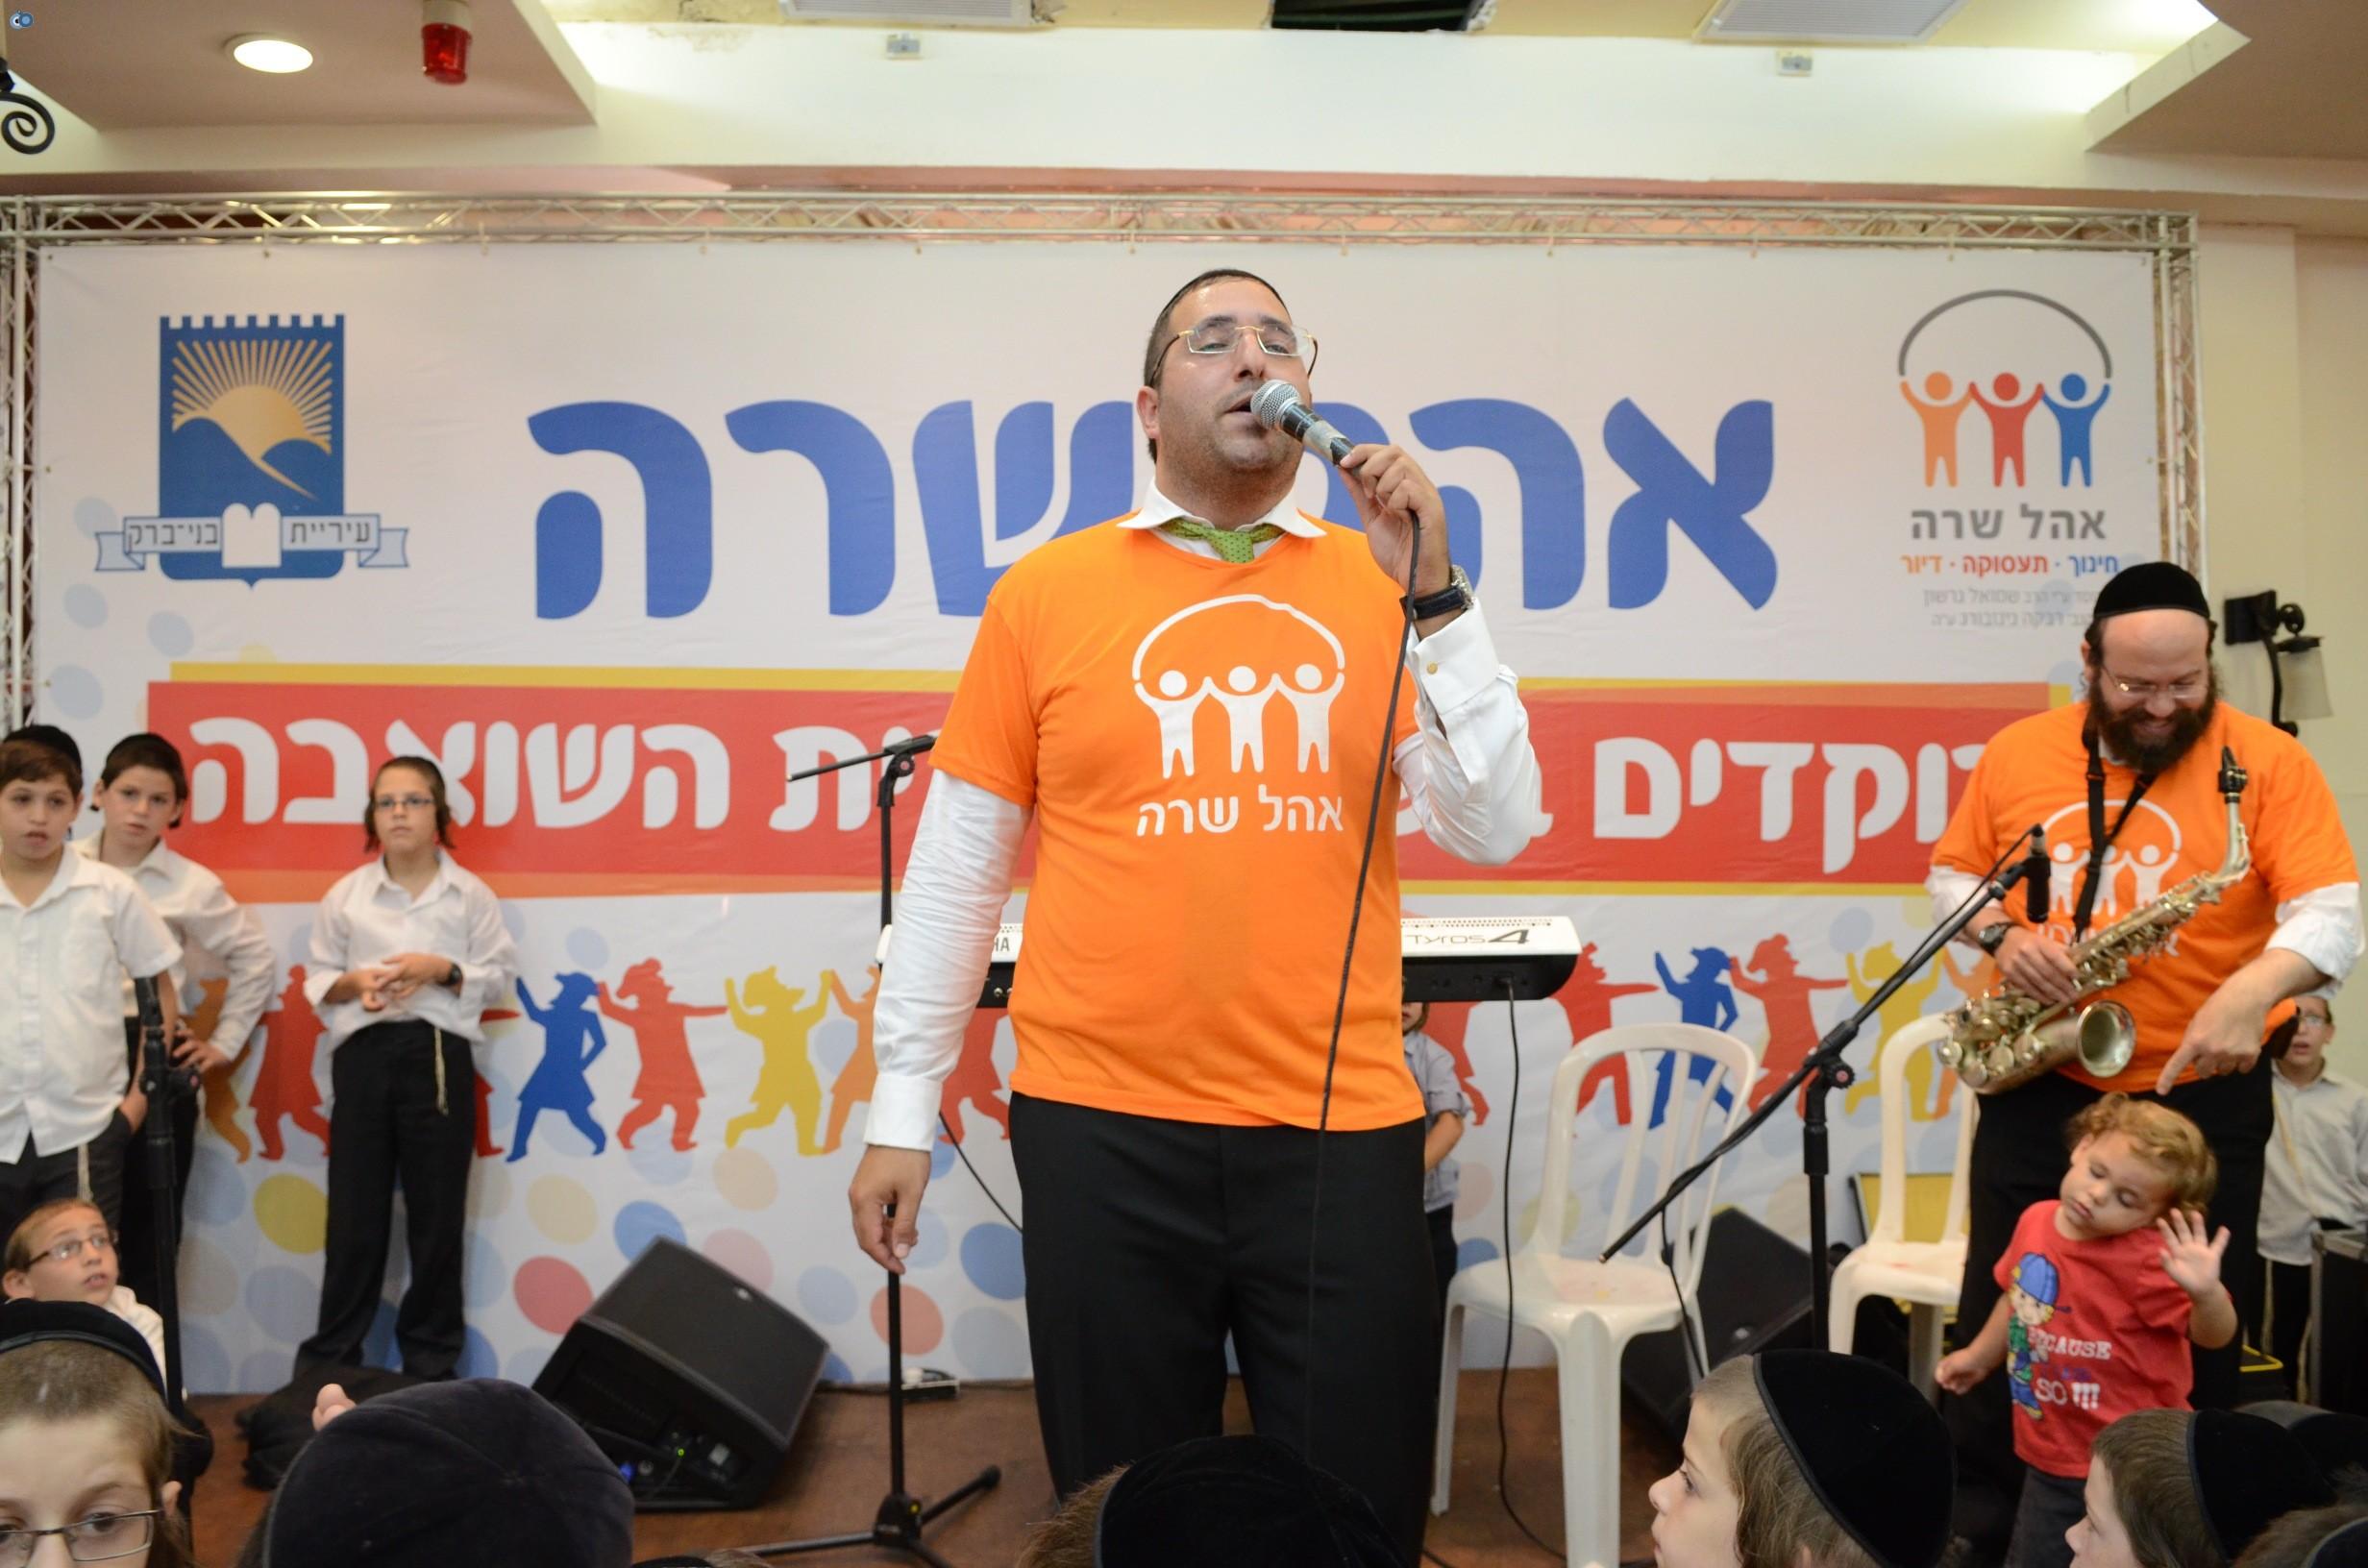 שמחת בית השואבה אהל שרה צילם משה גולדשטיין עם אישי ציבור וזמרים (24)